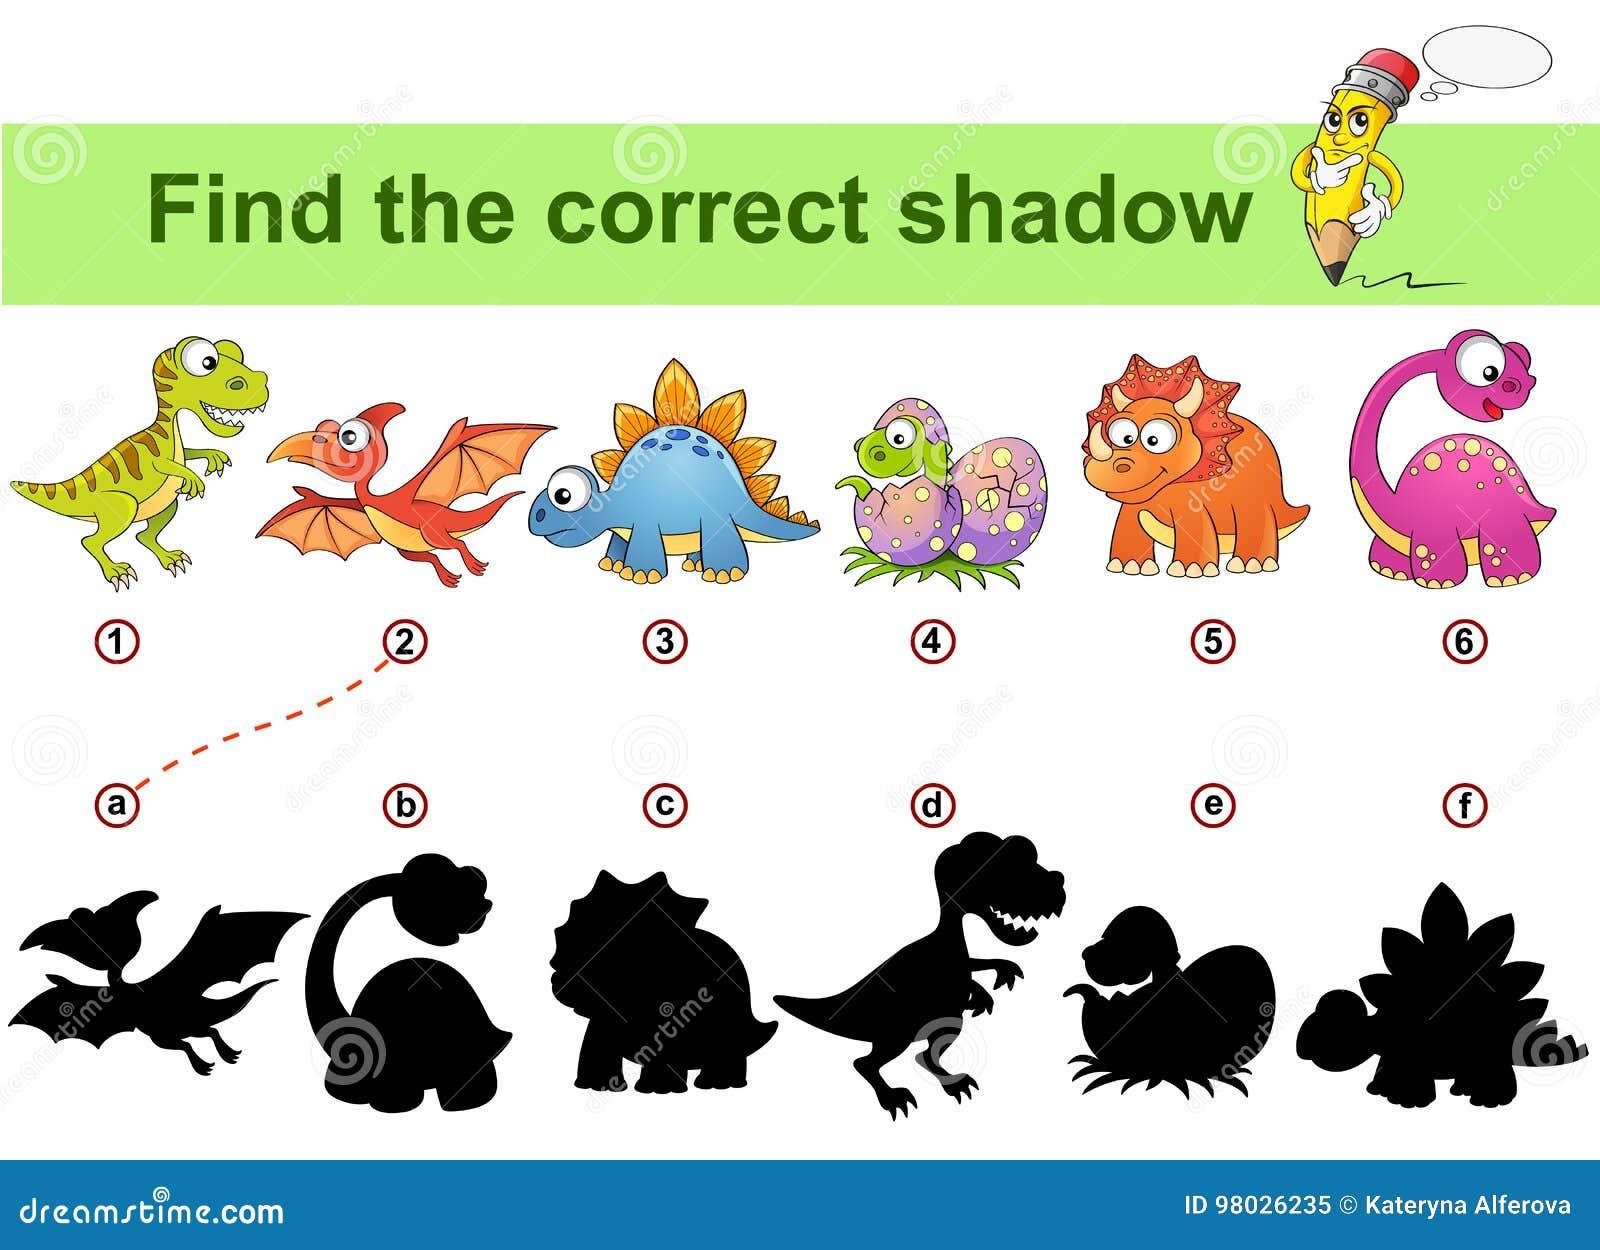 Βρείτε τη σωστή σκιά Εκπαιδευτικό παιχνίδι παιδιών Δεινόσαυροι